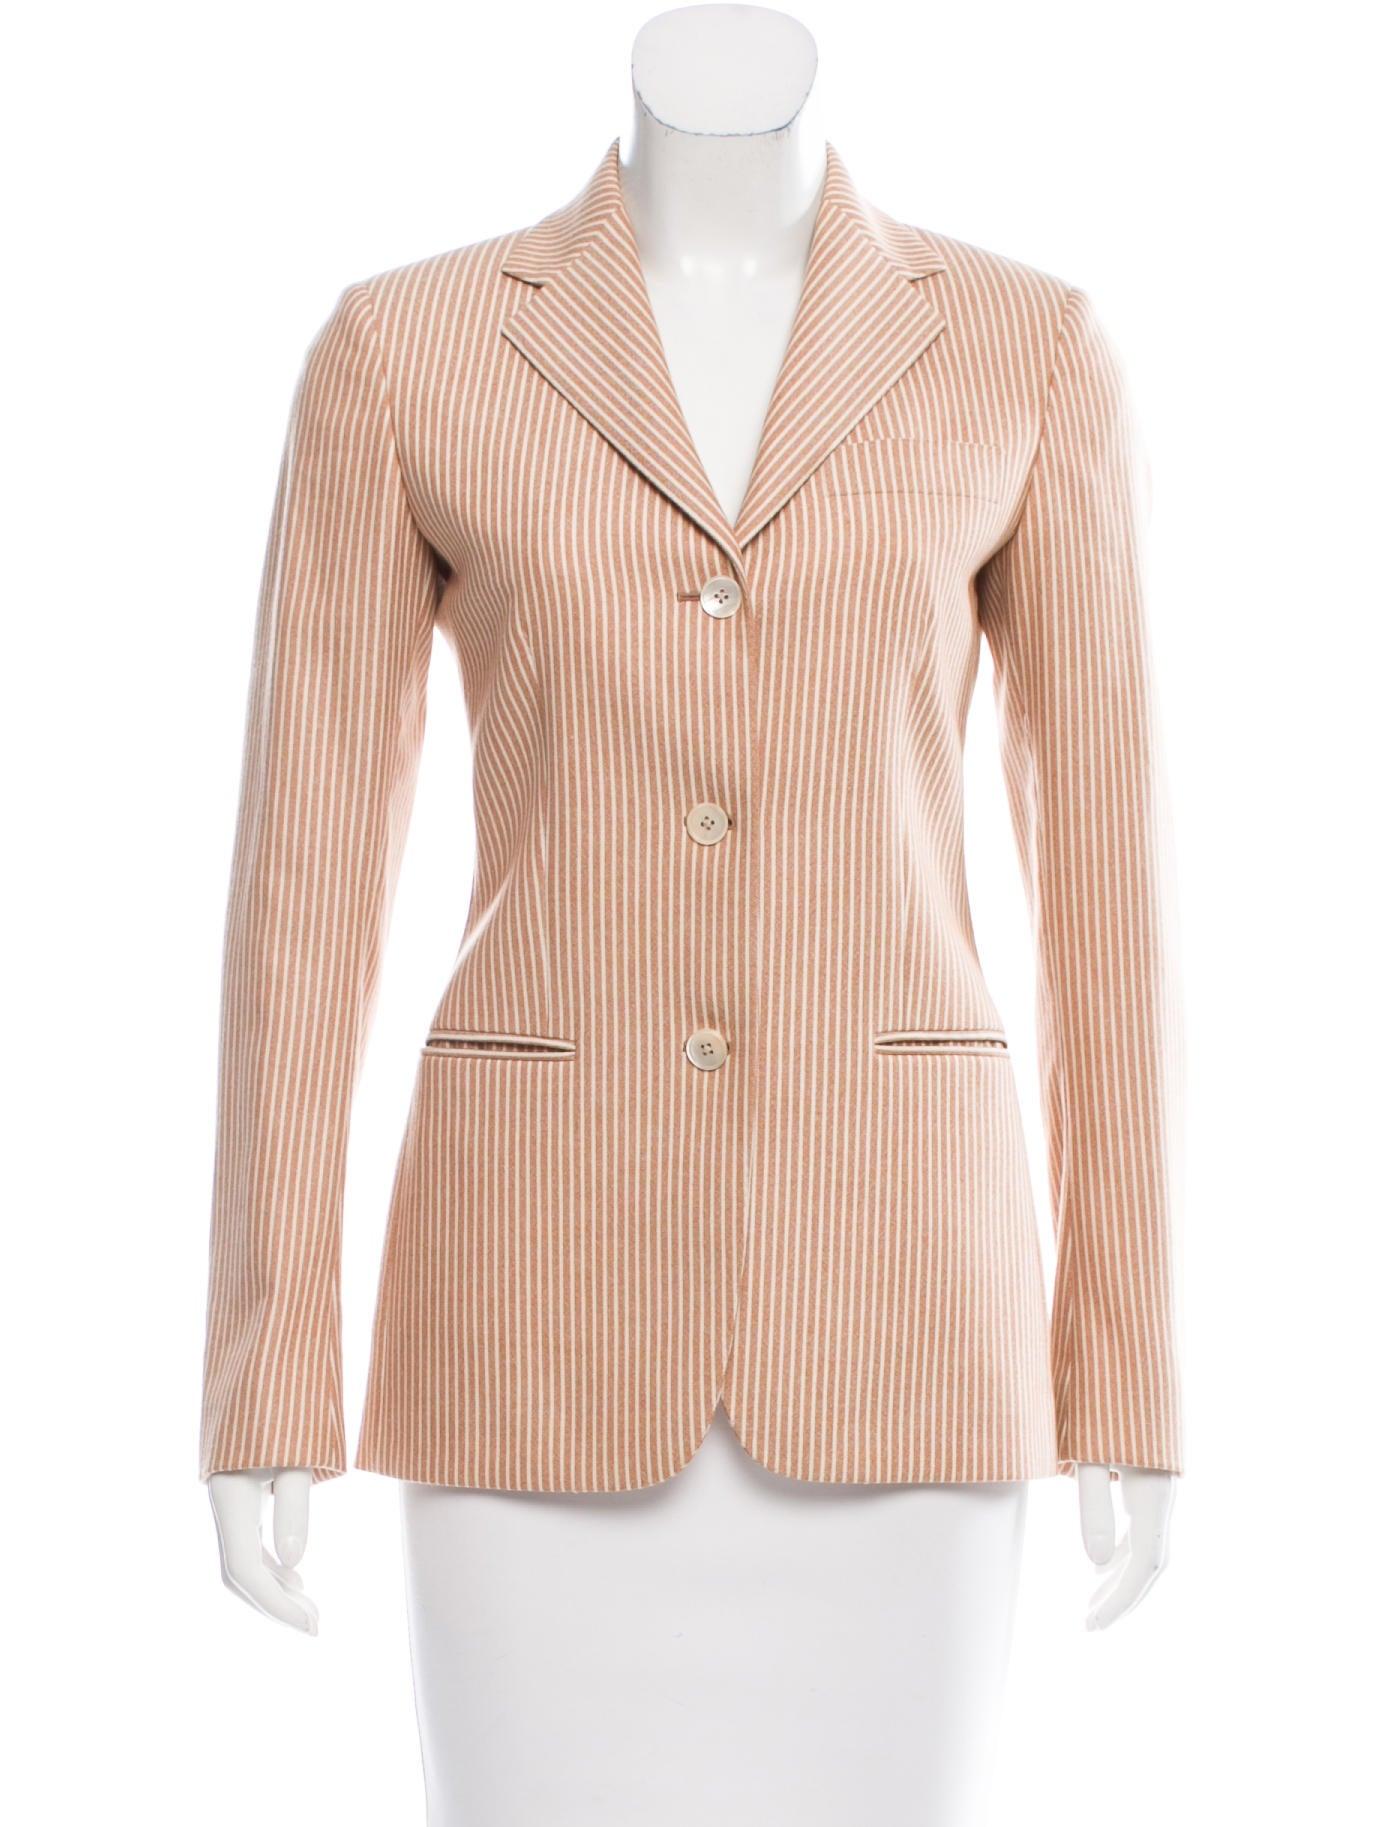 Domenico Vacca Women S Clothing